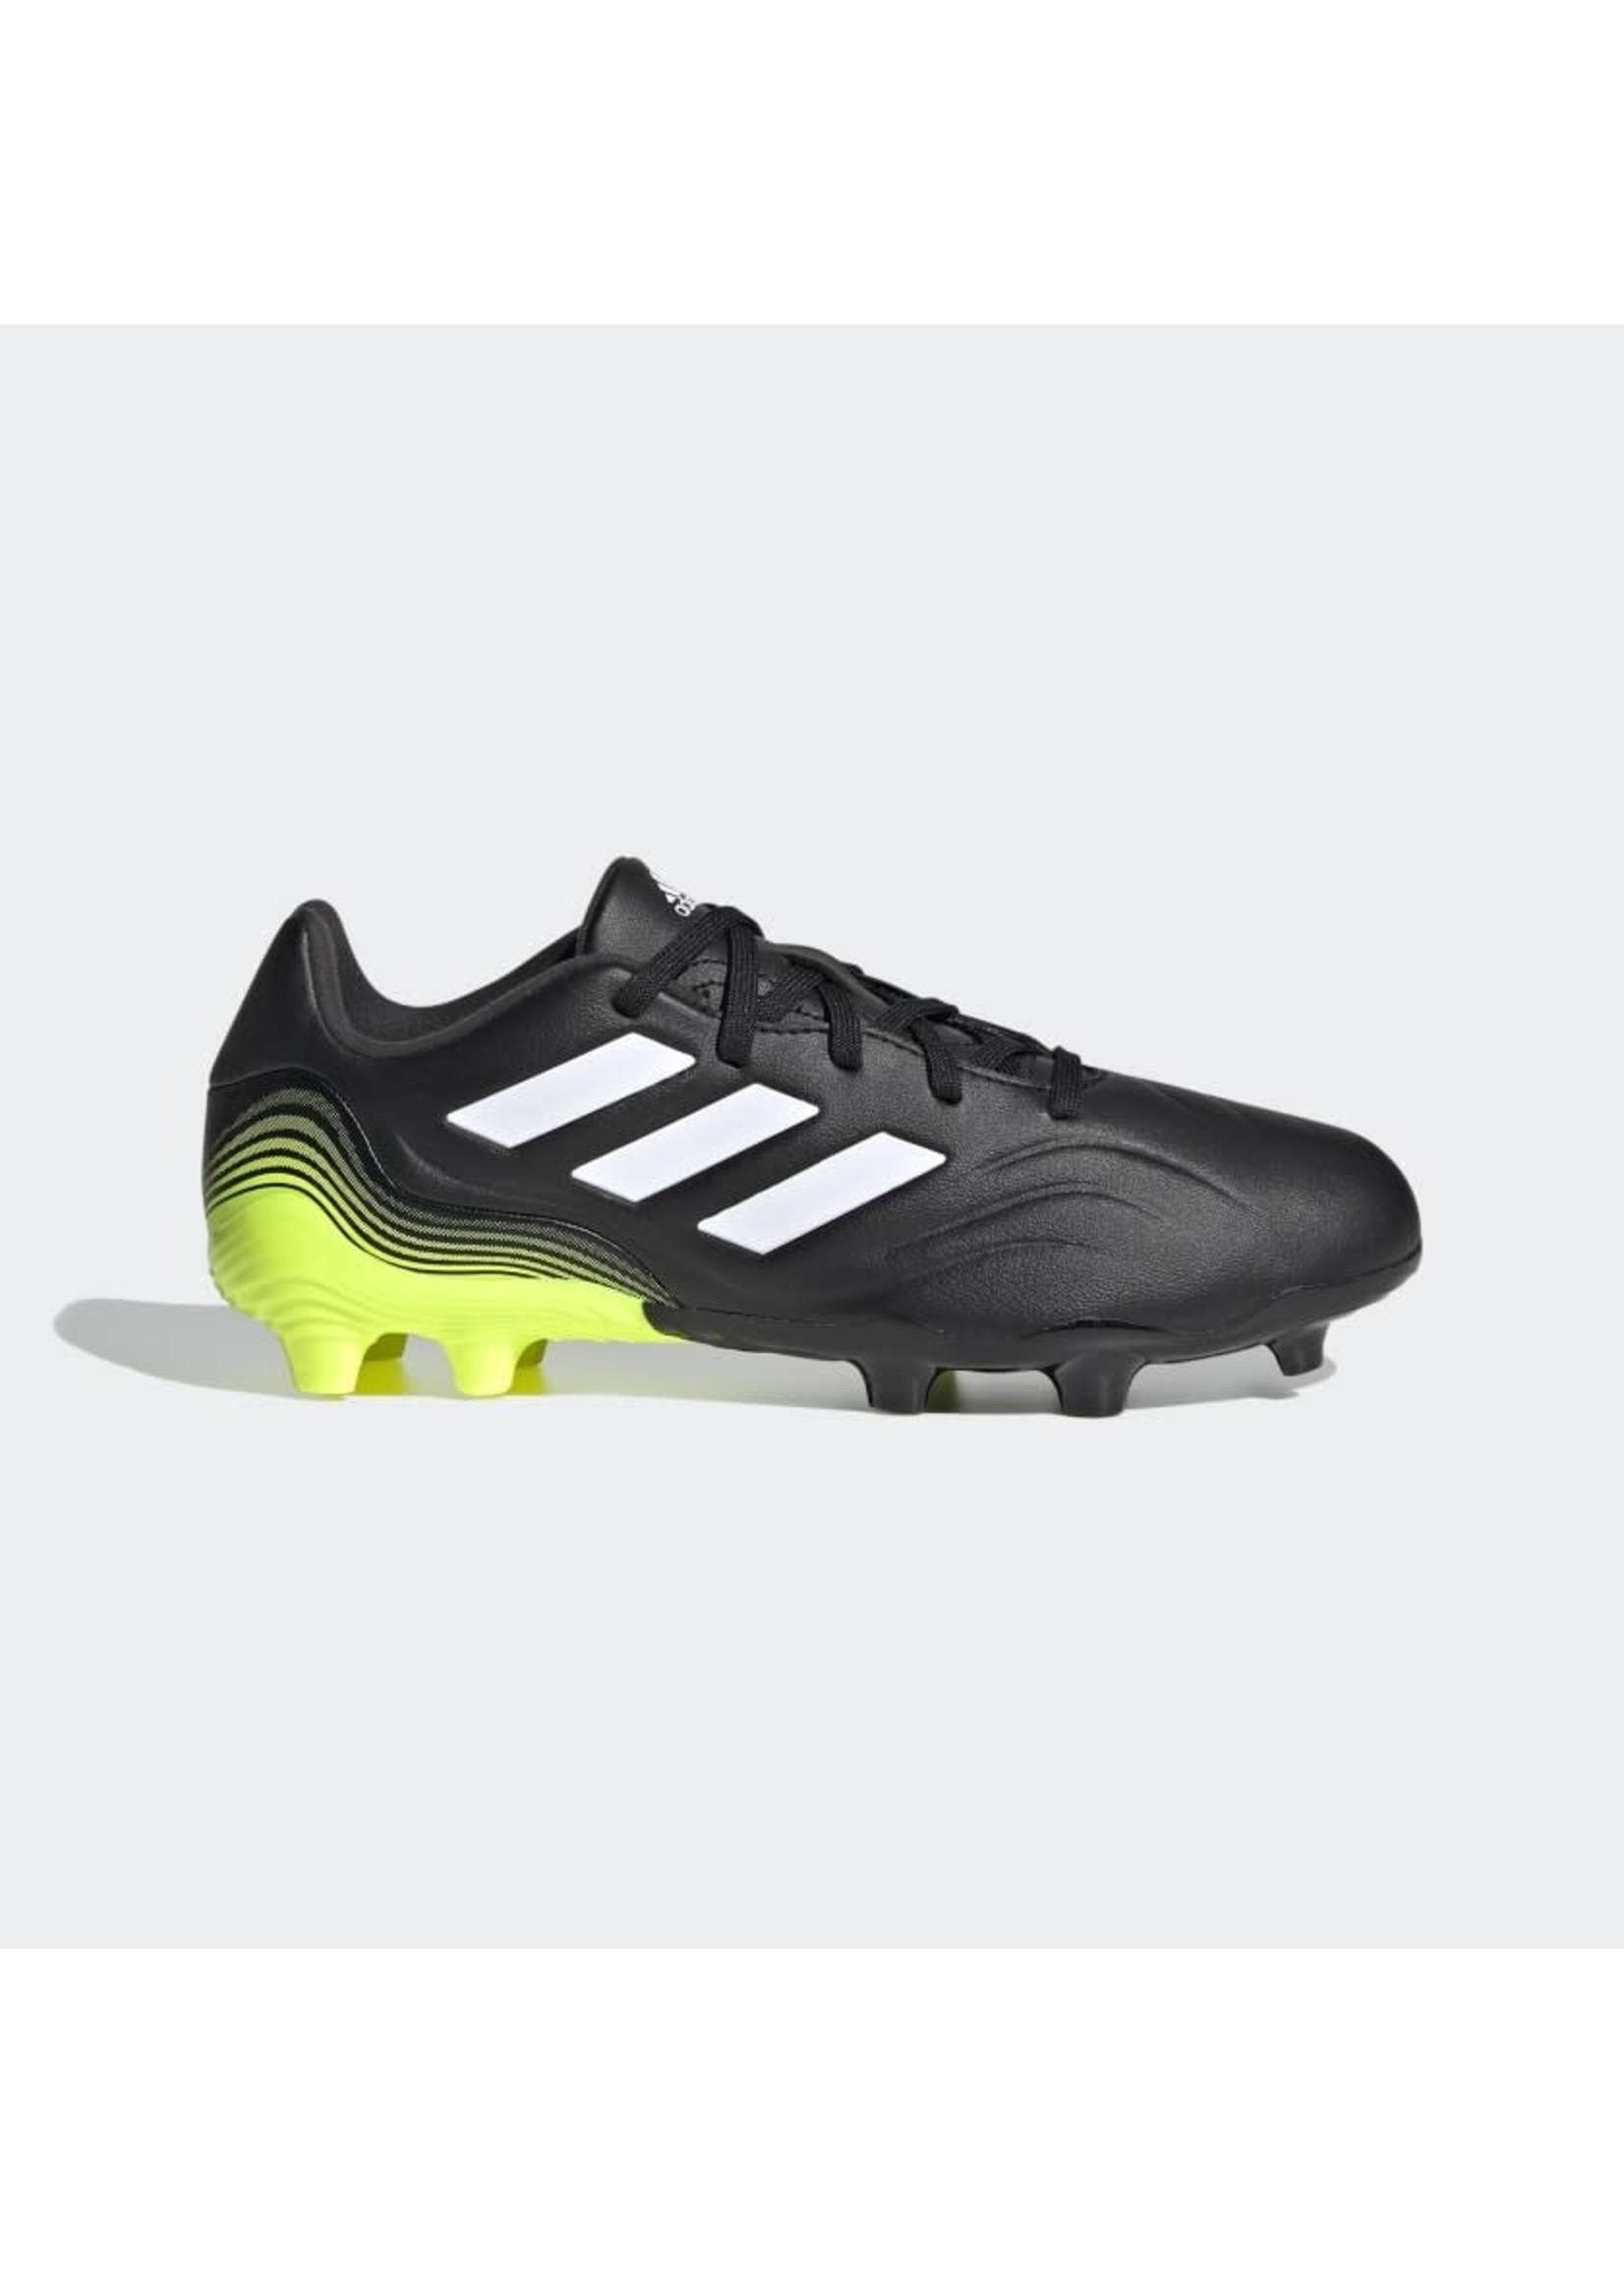 Adidas Copa Sense.3 FG Jr - Black/Volt